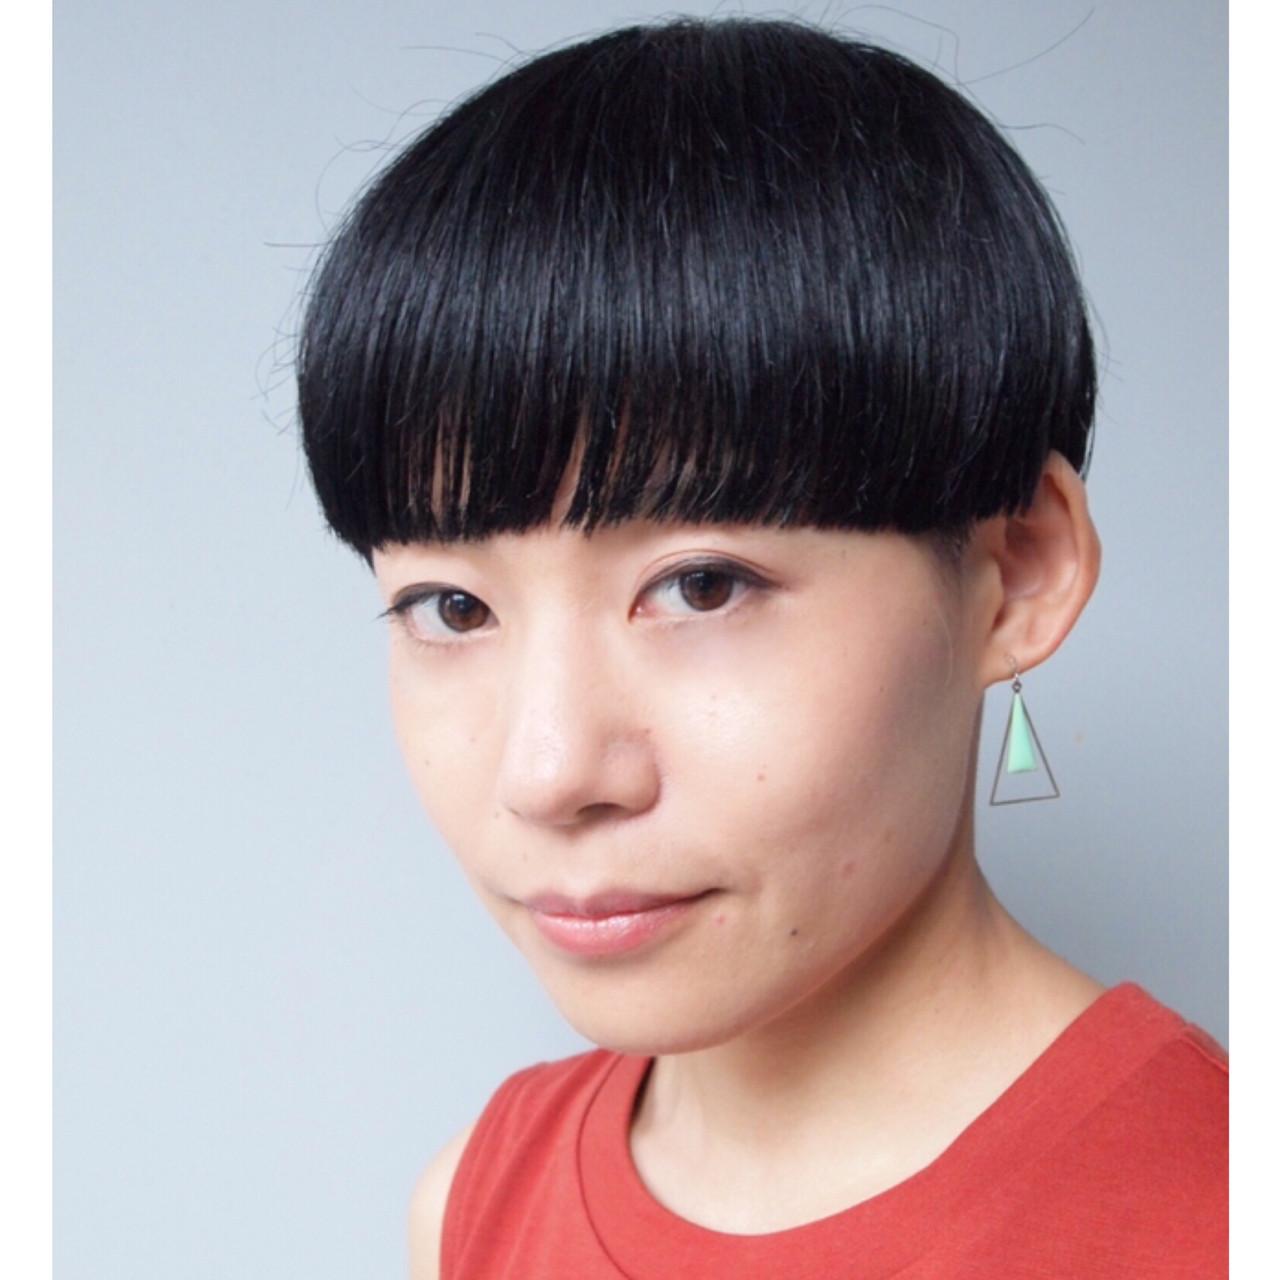 刈り上げ女子 マッシュショート オフィス モード ヘアスタイルや髪型の写真・画像